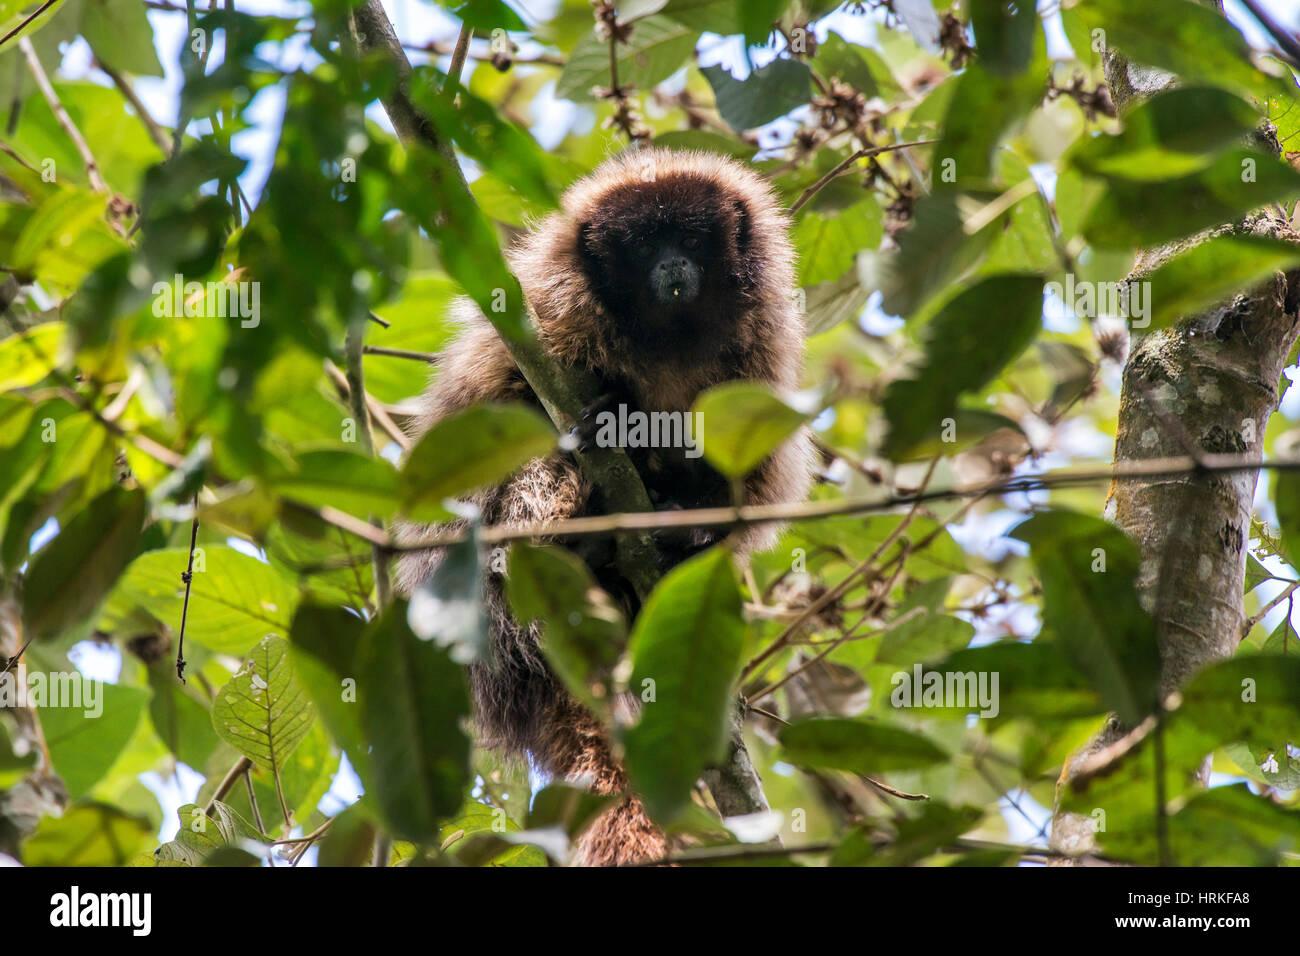 Mascherato scimmia Titi (Callicebus personatus), fotografato in Santa Maria de Jetibá, Espirito Santo - Brasile. Immagini Stock